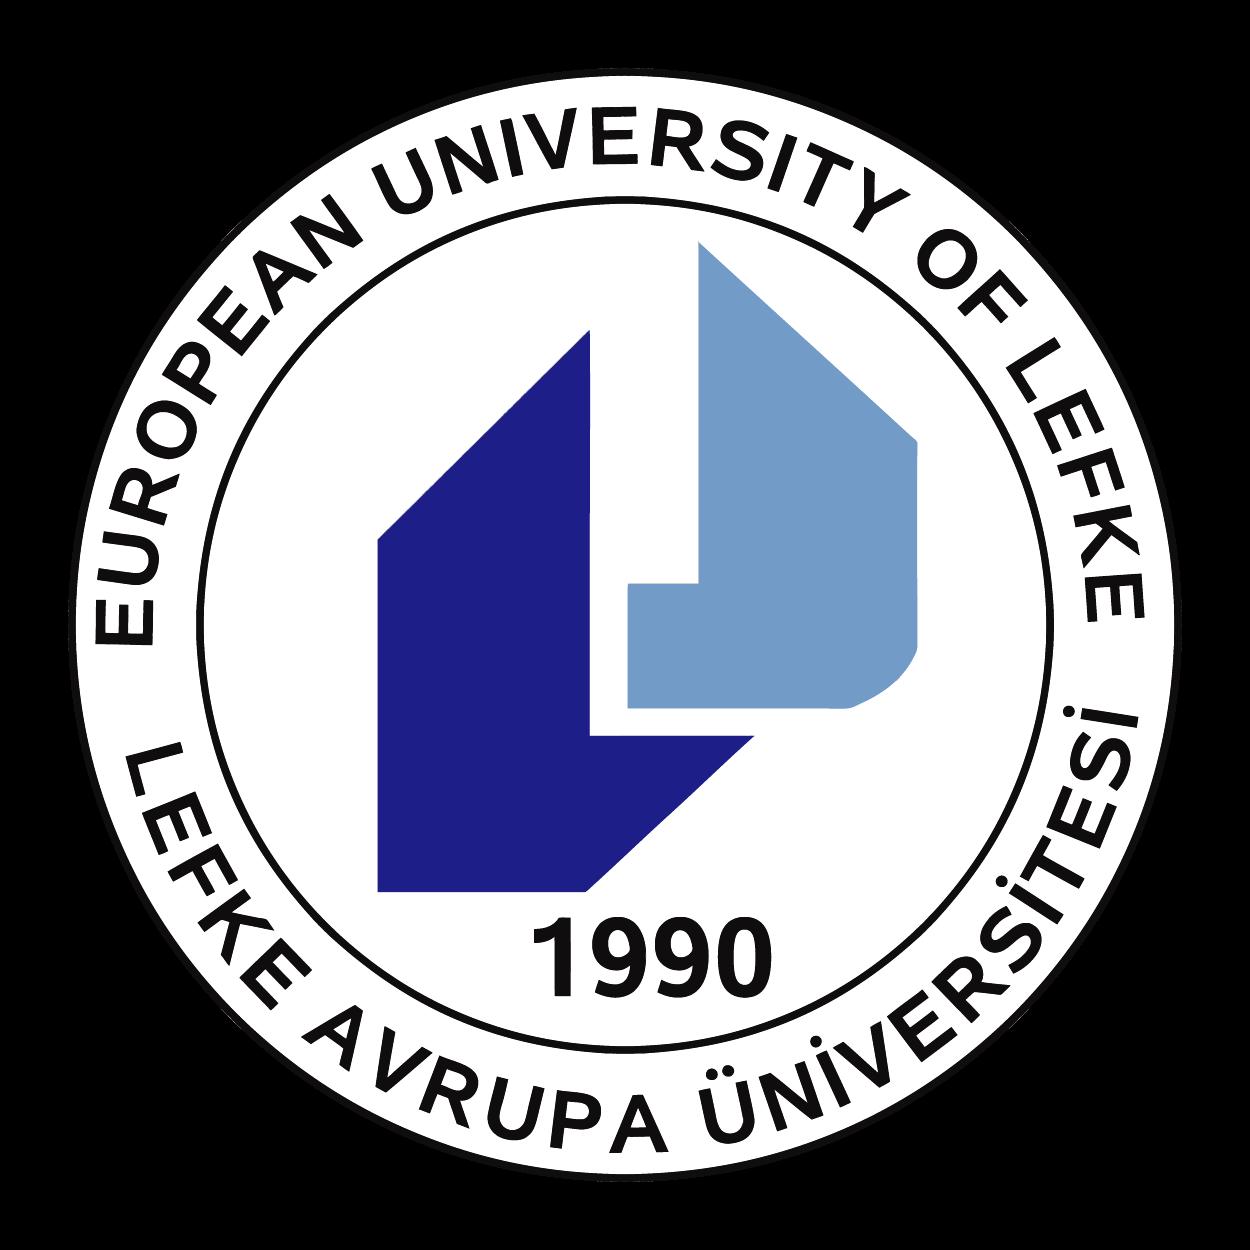 Lefke Avrupa Üniversitesi Logo (Kıbrıs   KKTC) png